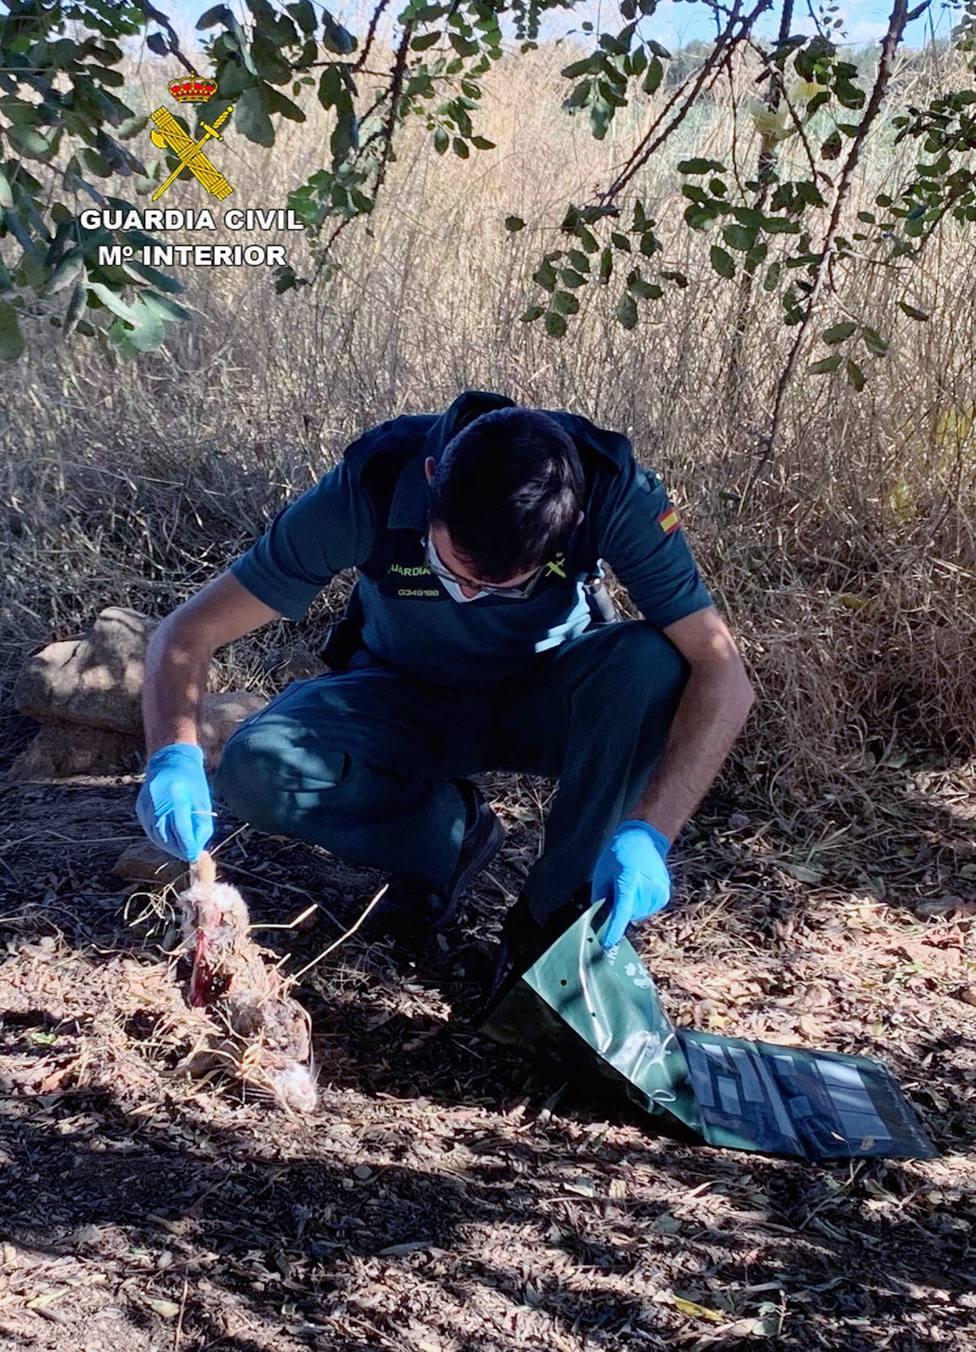 Sucesos.- La Guardia Civil investiga a cuatro personas por utilizar presuntamente cebos envenenados en fincas agrícolas